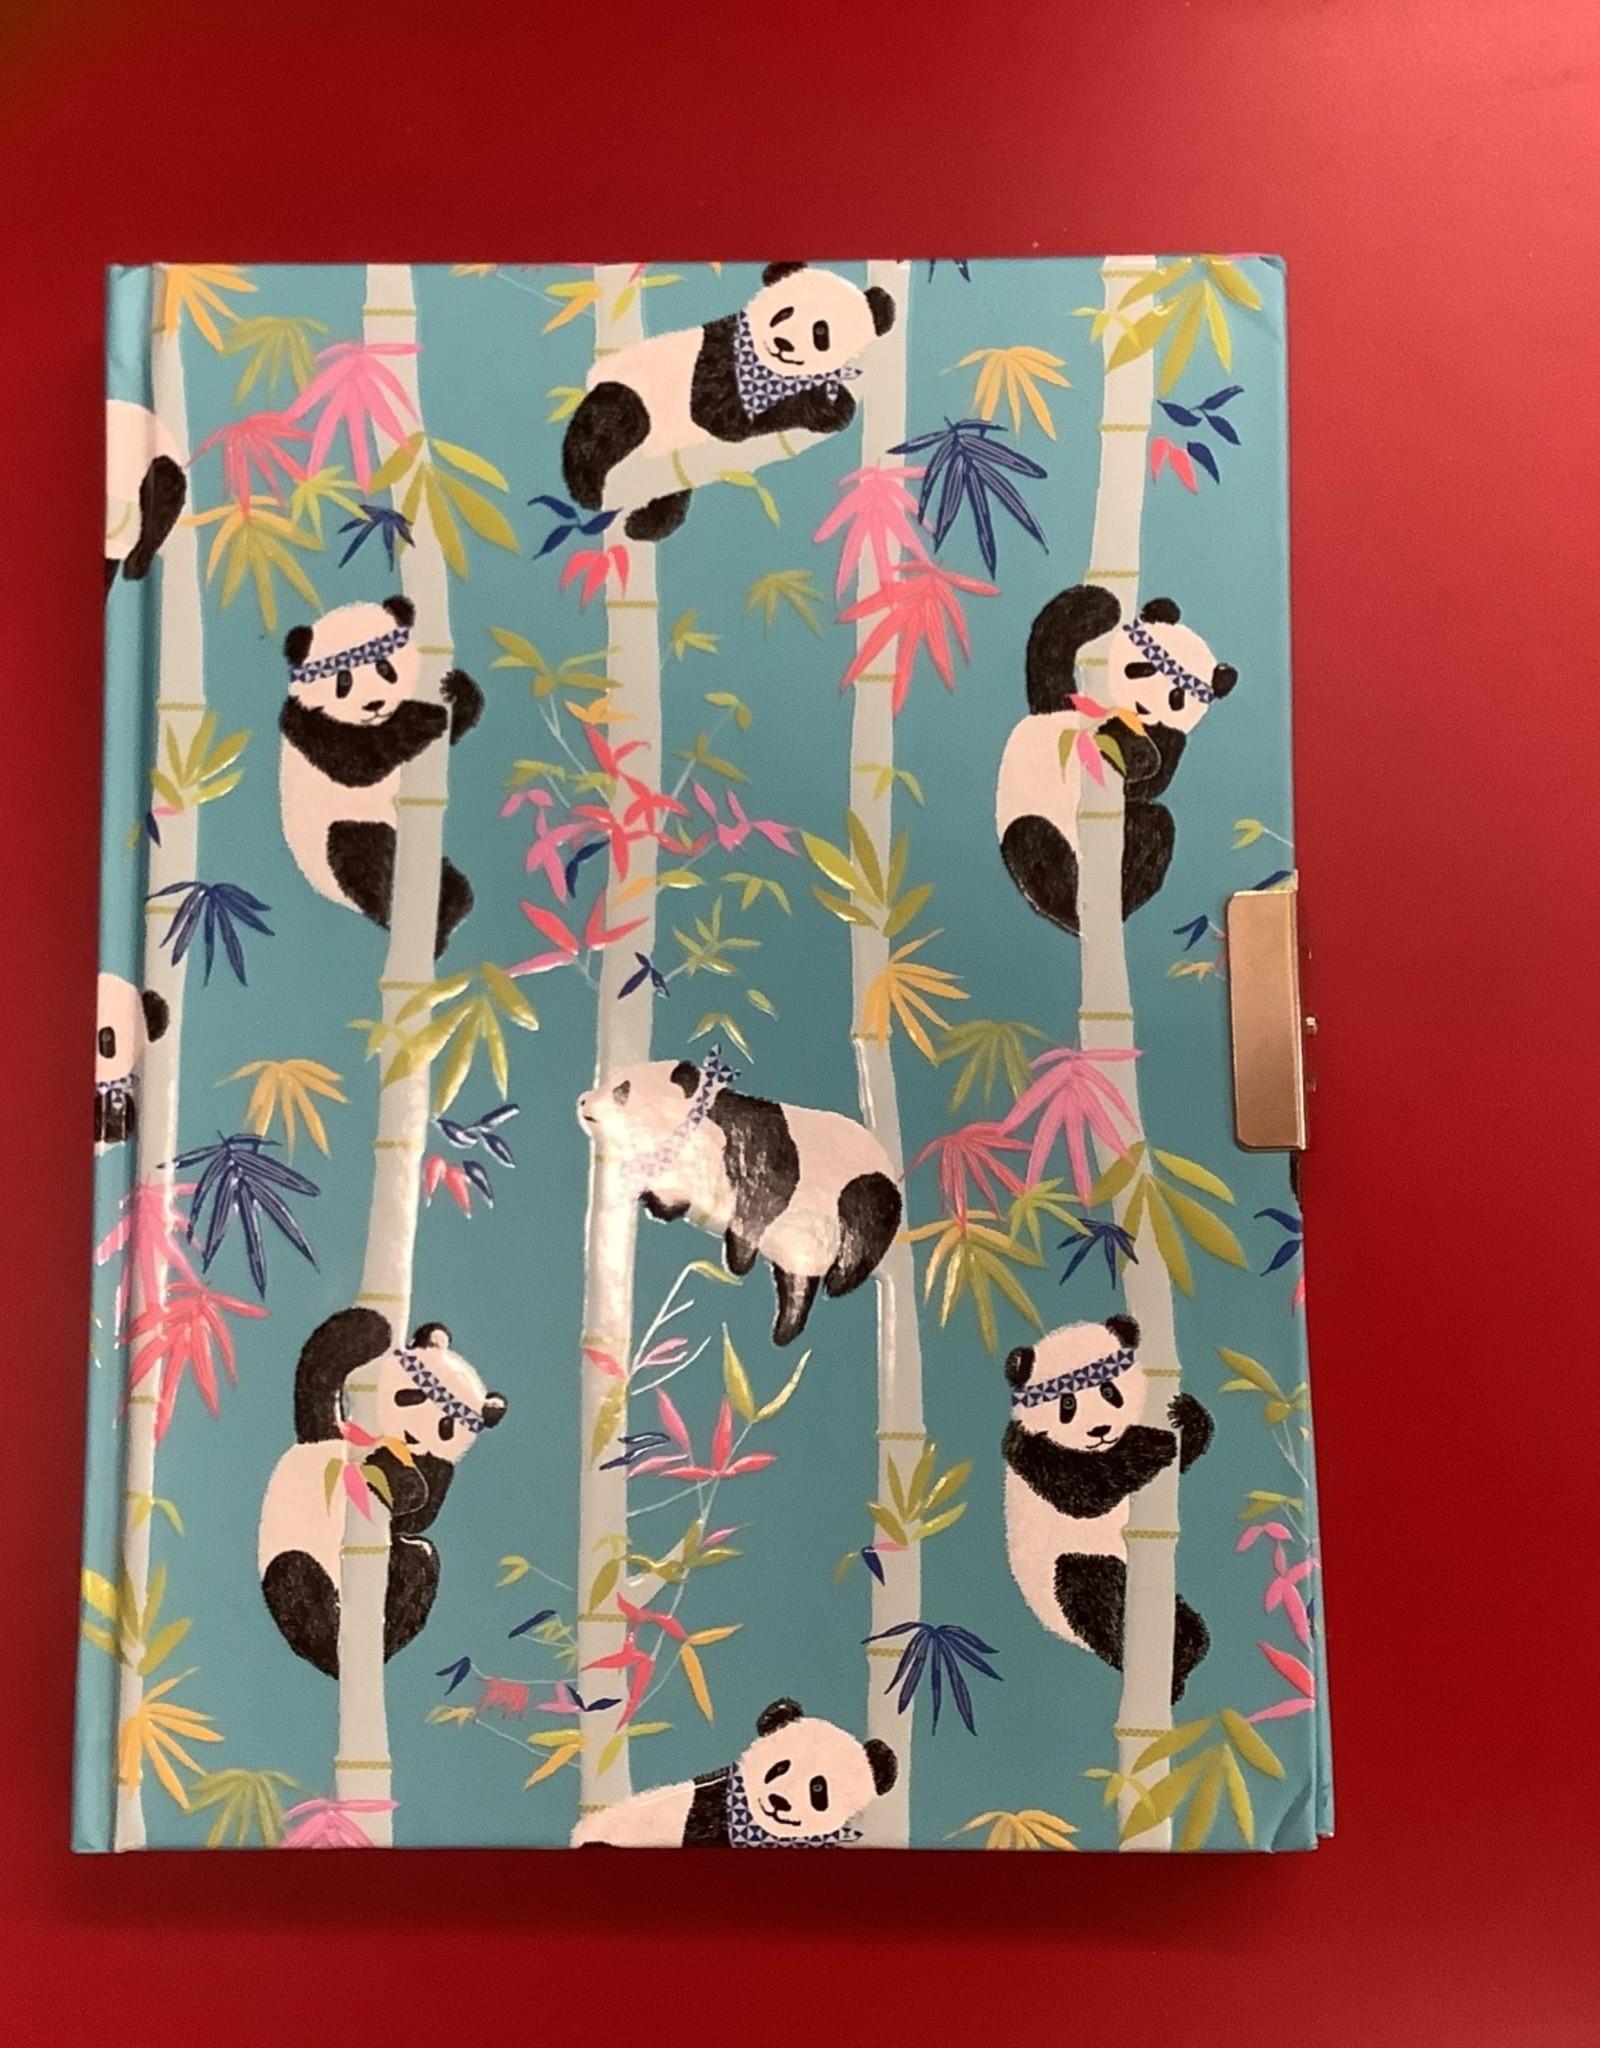 Peter Pauper Press LTP Locking Journal: Pandas